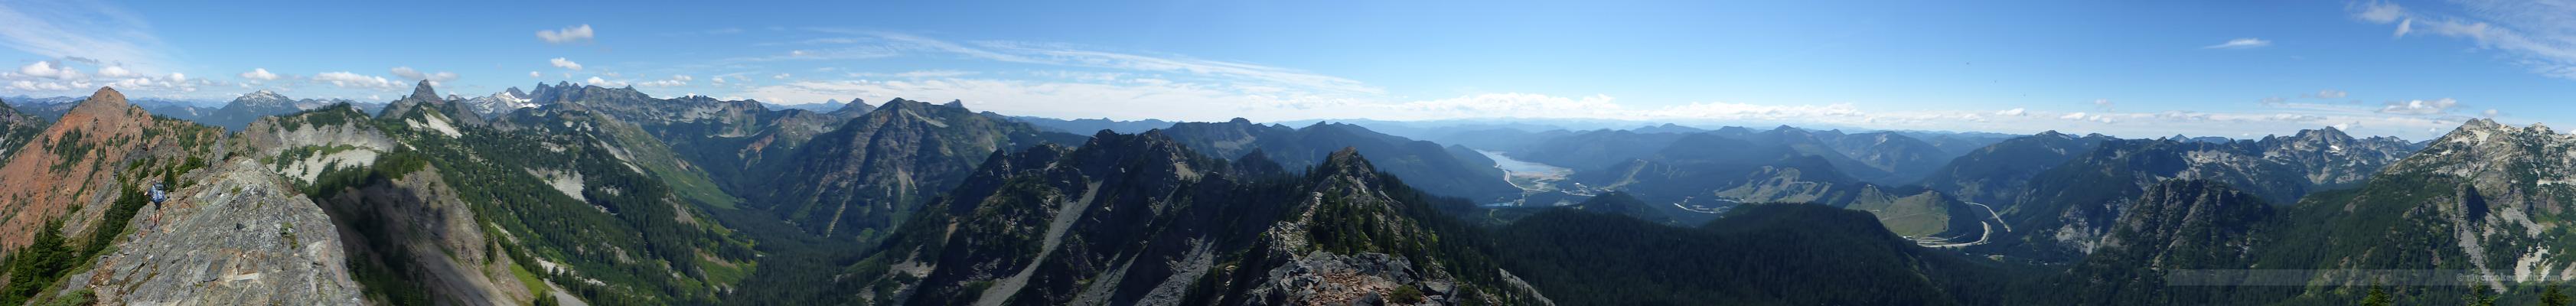 Kendall Peak Pano